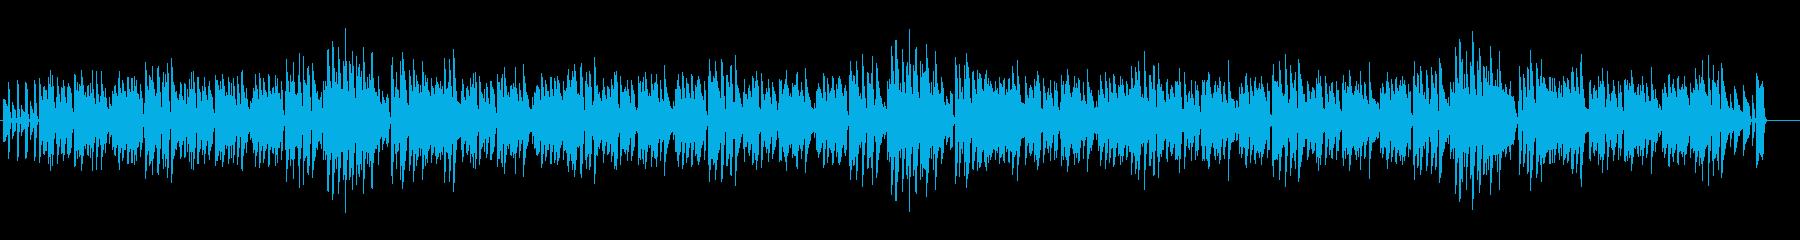 元気で明るい気持ちになれるピアノBGMの再生済みの波形